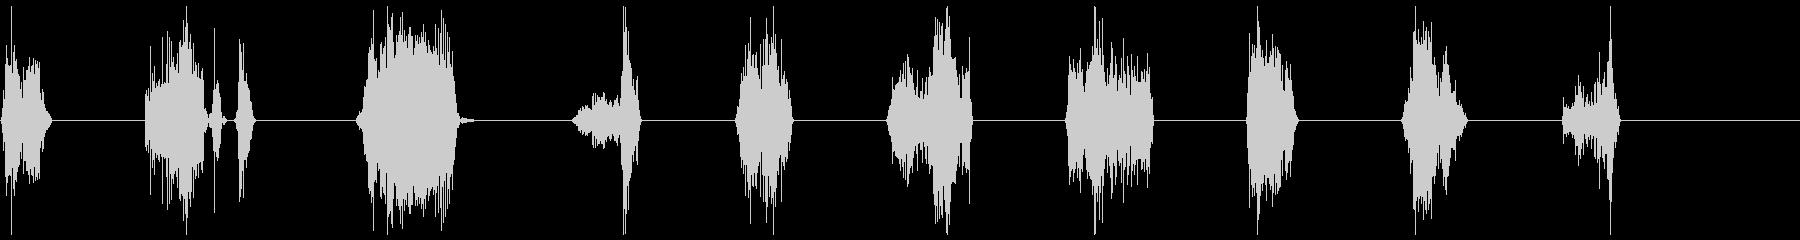 モンスター、タイプ2、Ro音11-20の未再生の波形